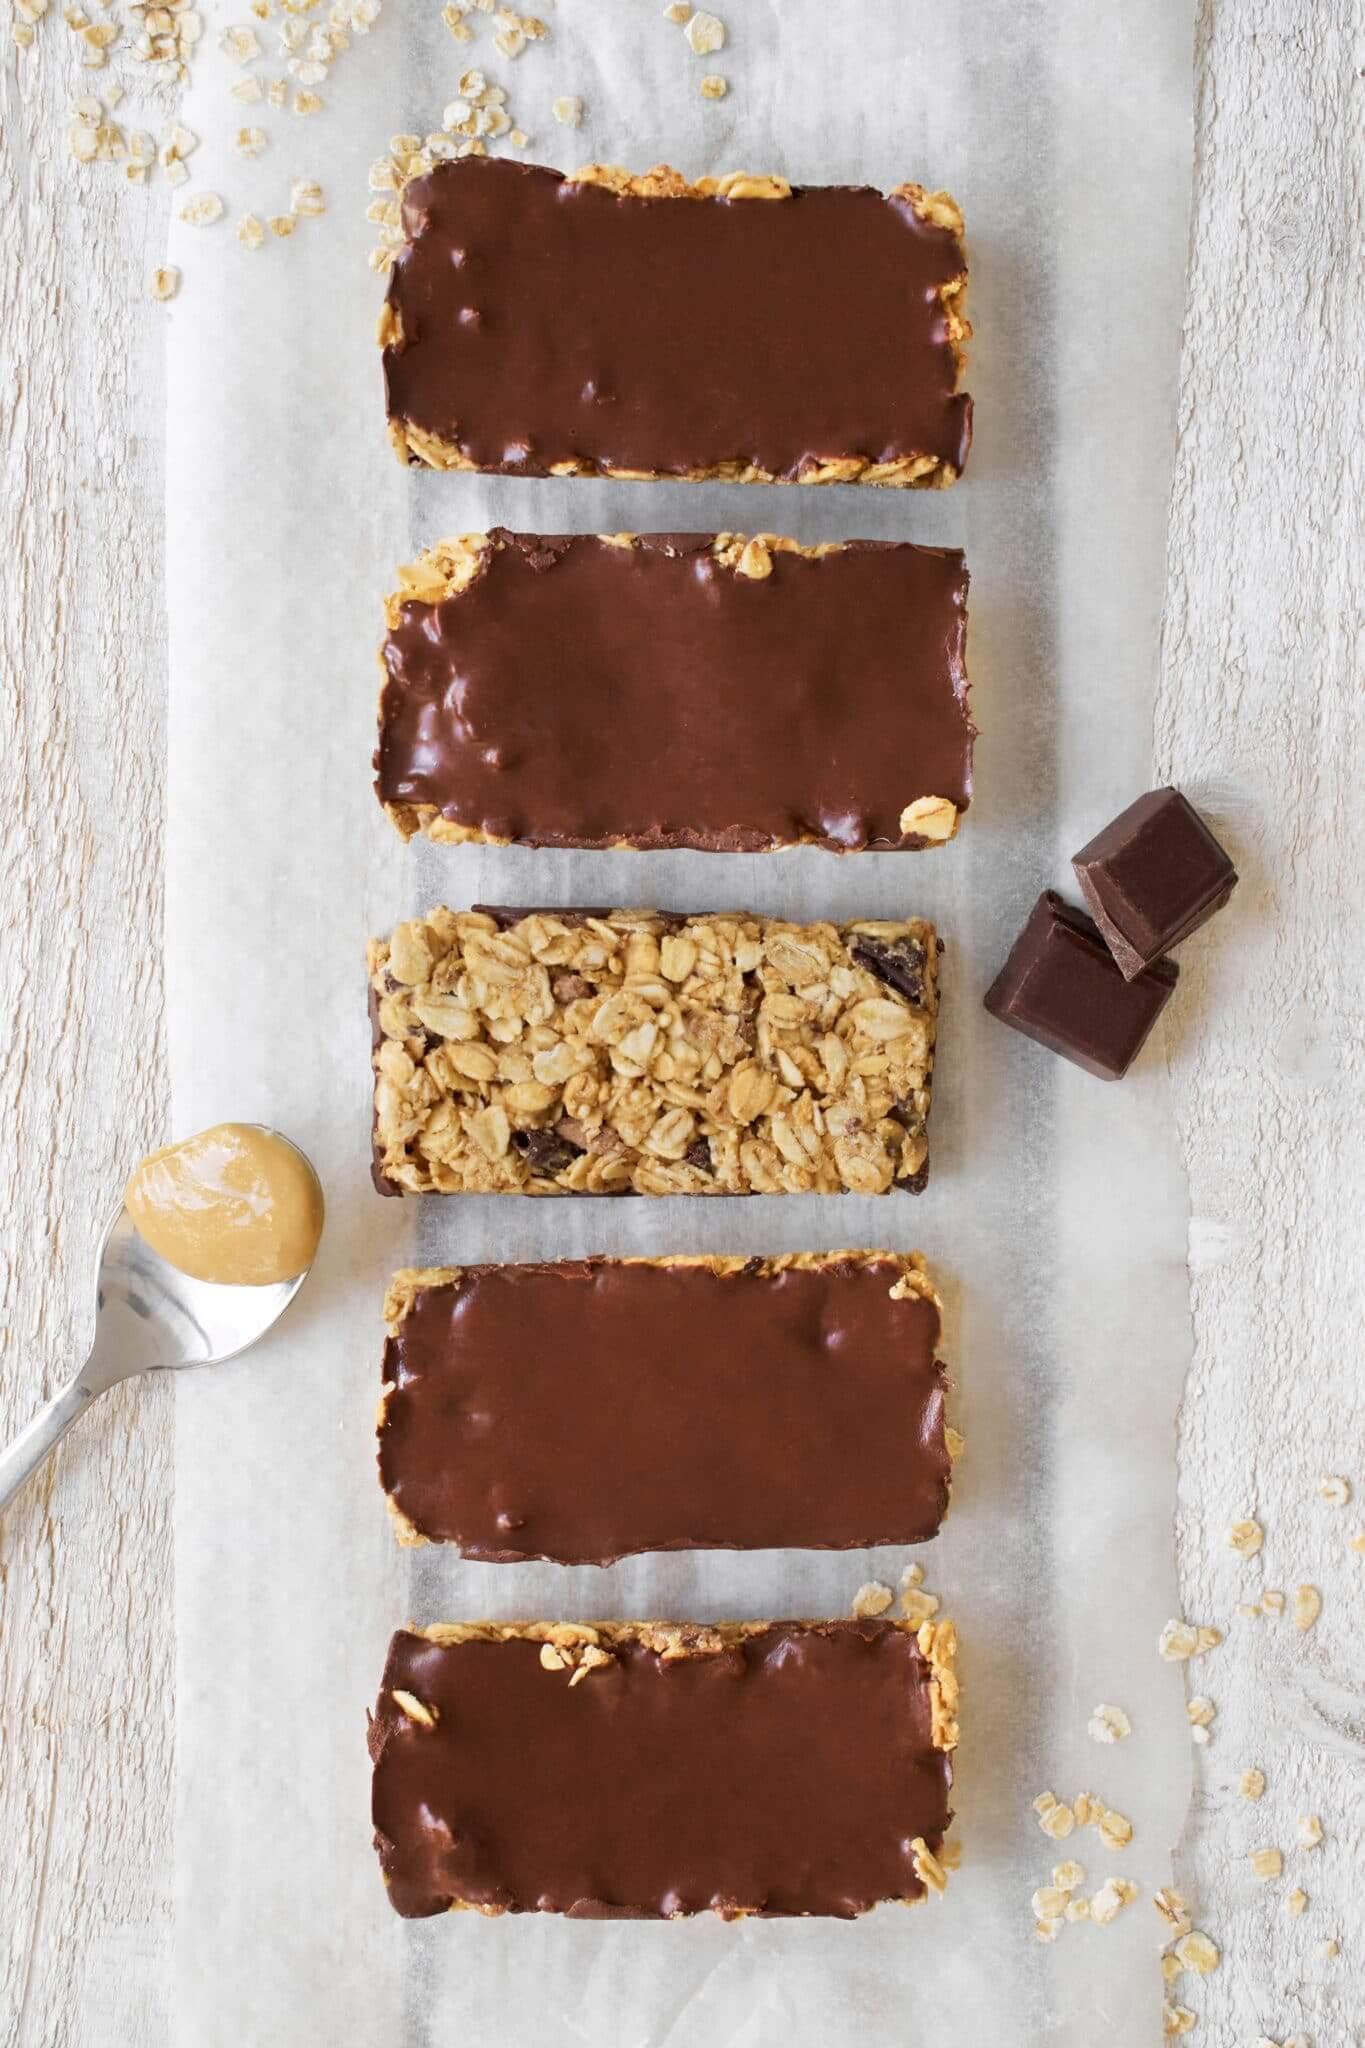 Barres de céréales vues de dessus avec cuillère de beurre de cacahuète et chocolat noir